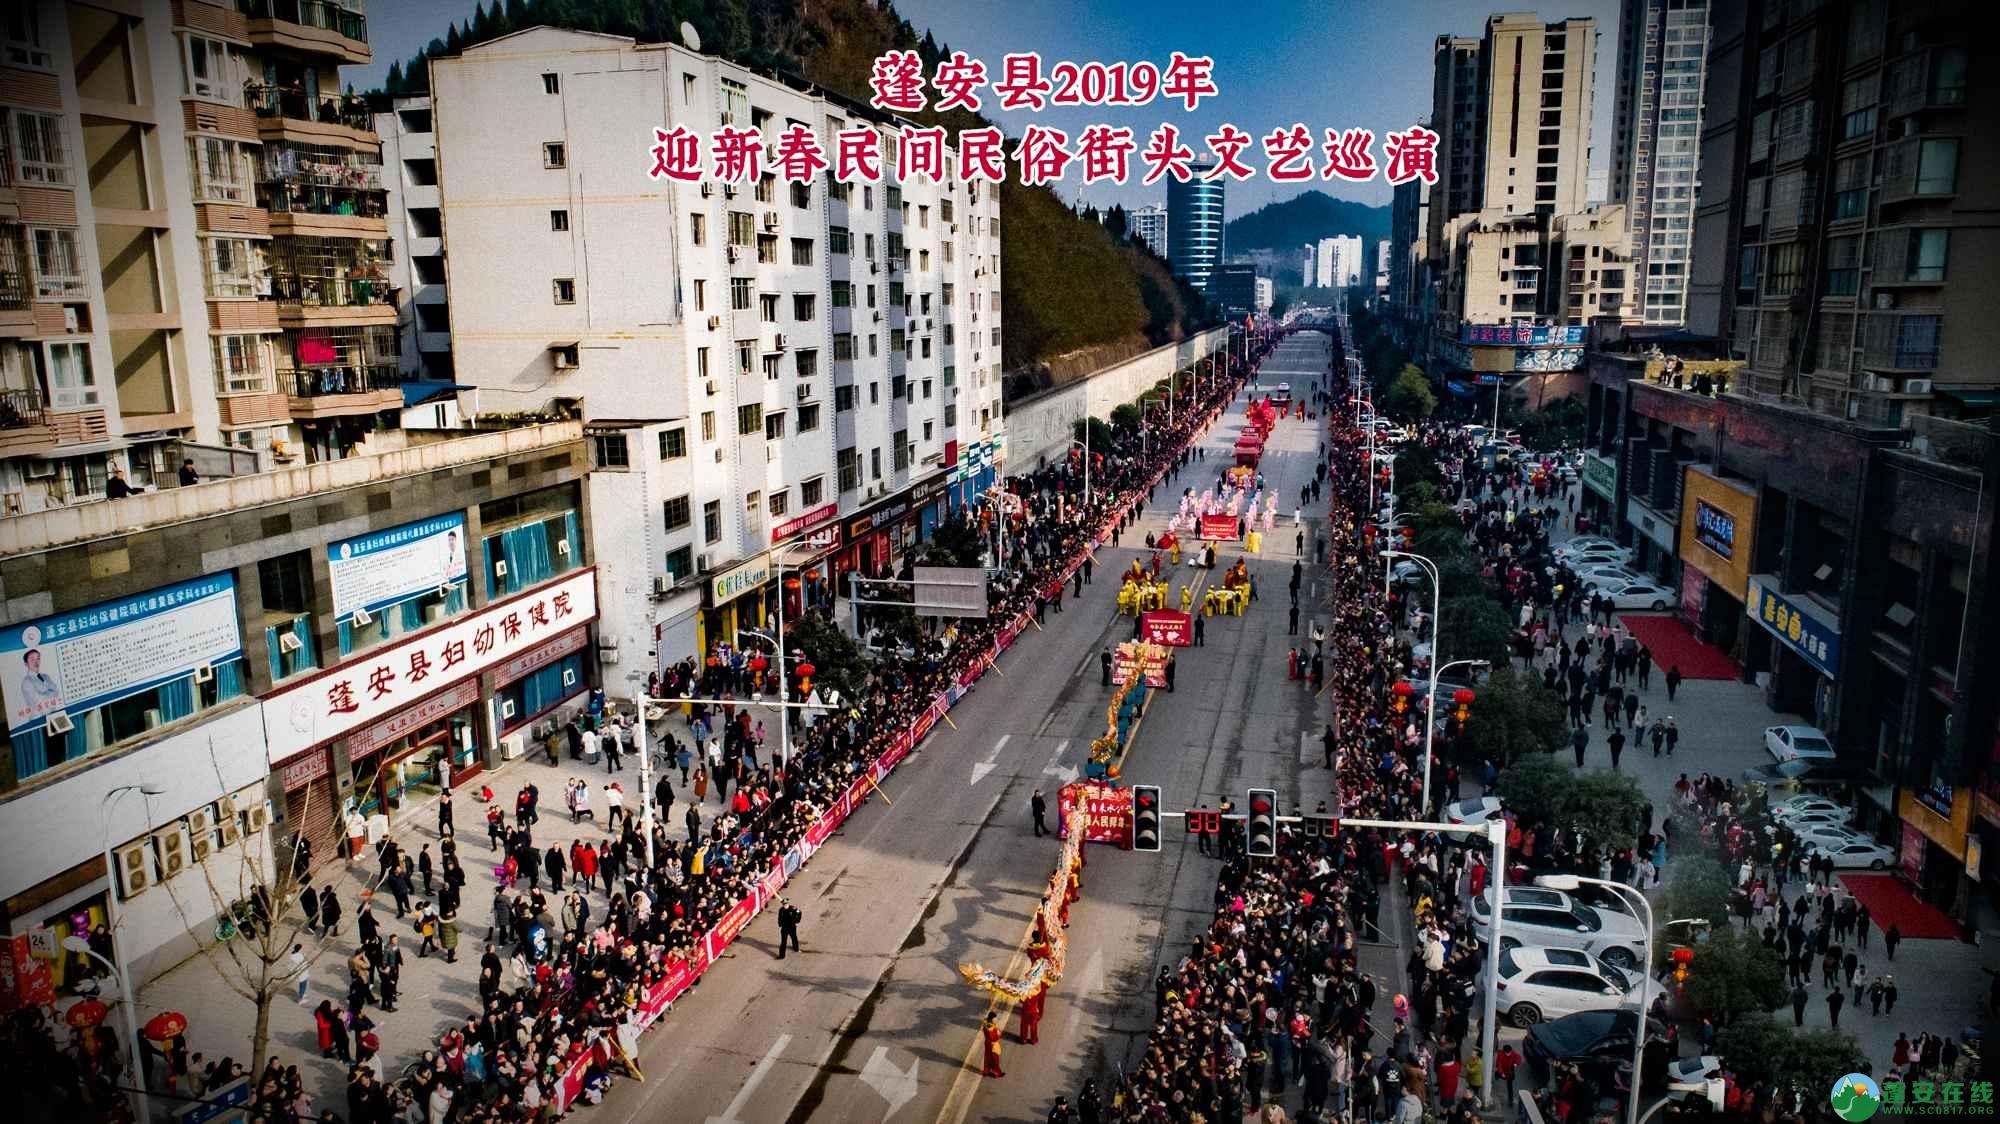 蓬安县2019年迎新春民间民俗街头文艺巡演精彩片段 - 第5张  | 蓬安在线